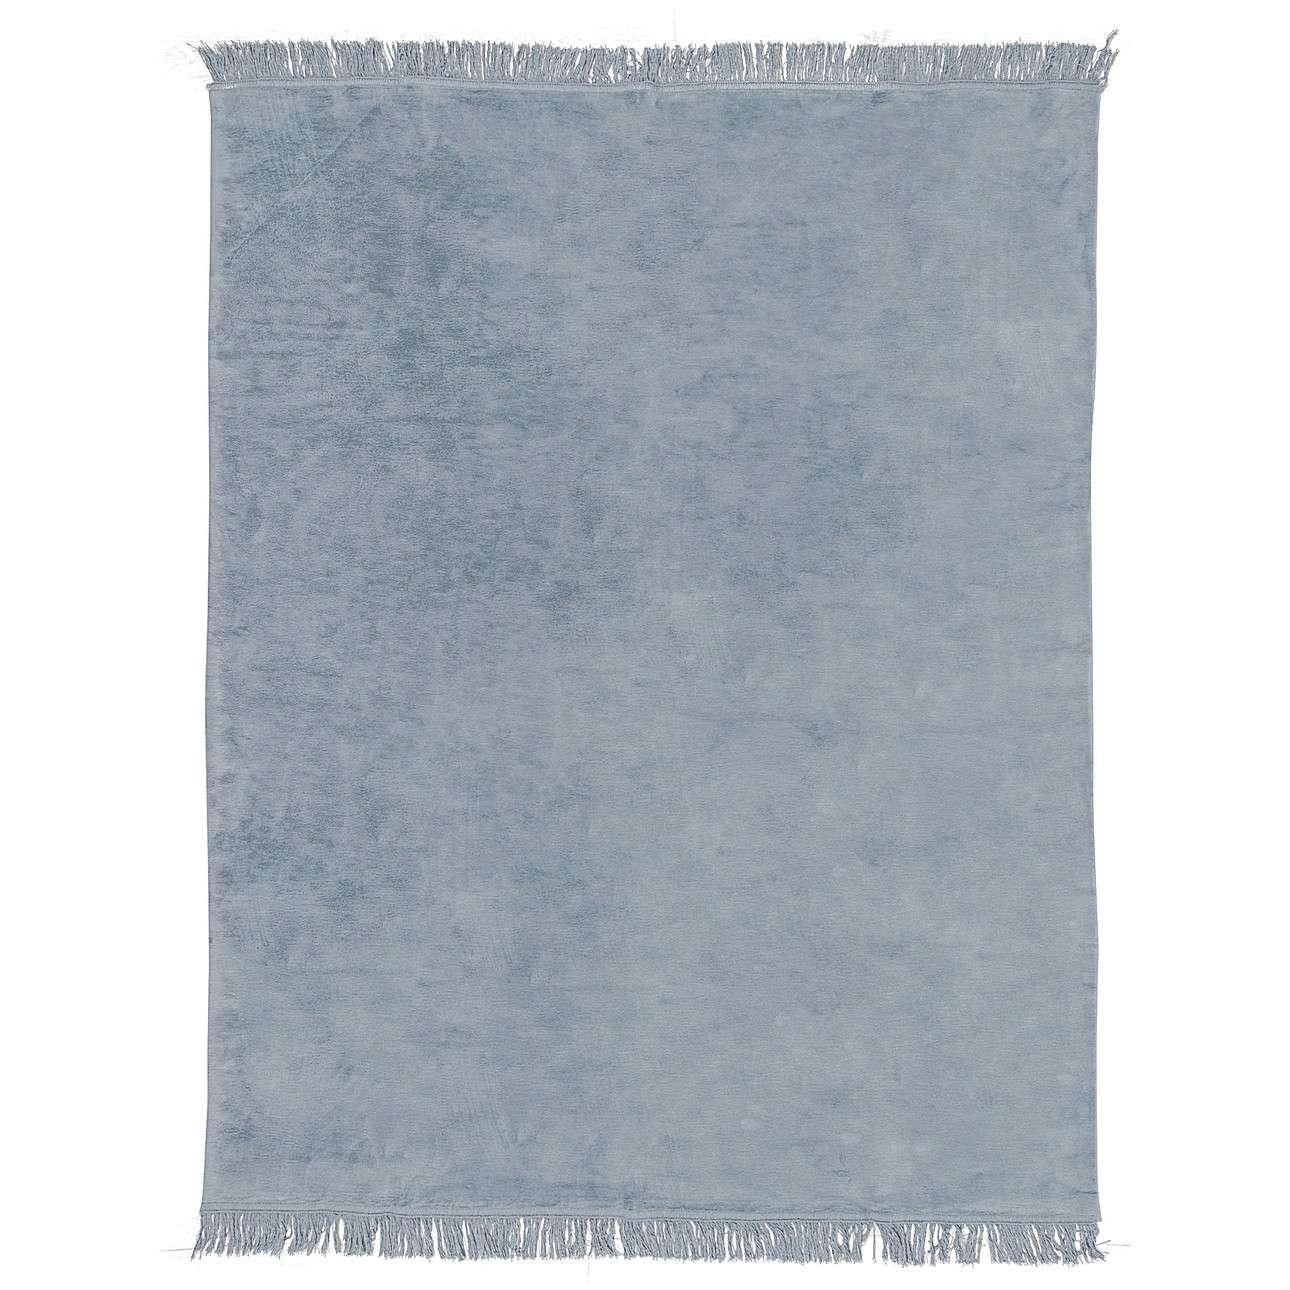 Deka Cotton Cloud 150x200 cm Denim